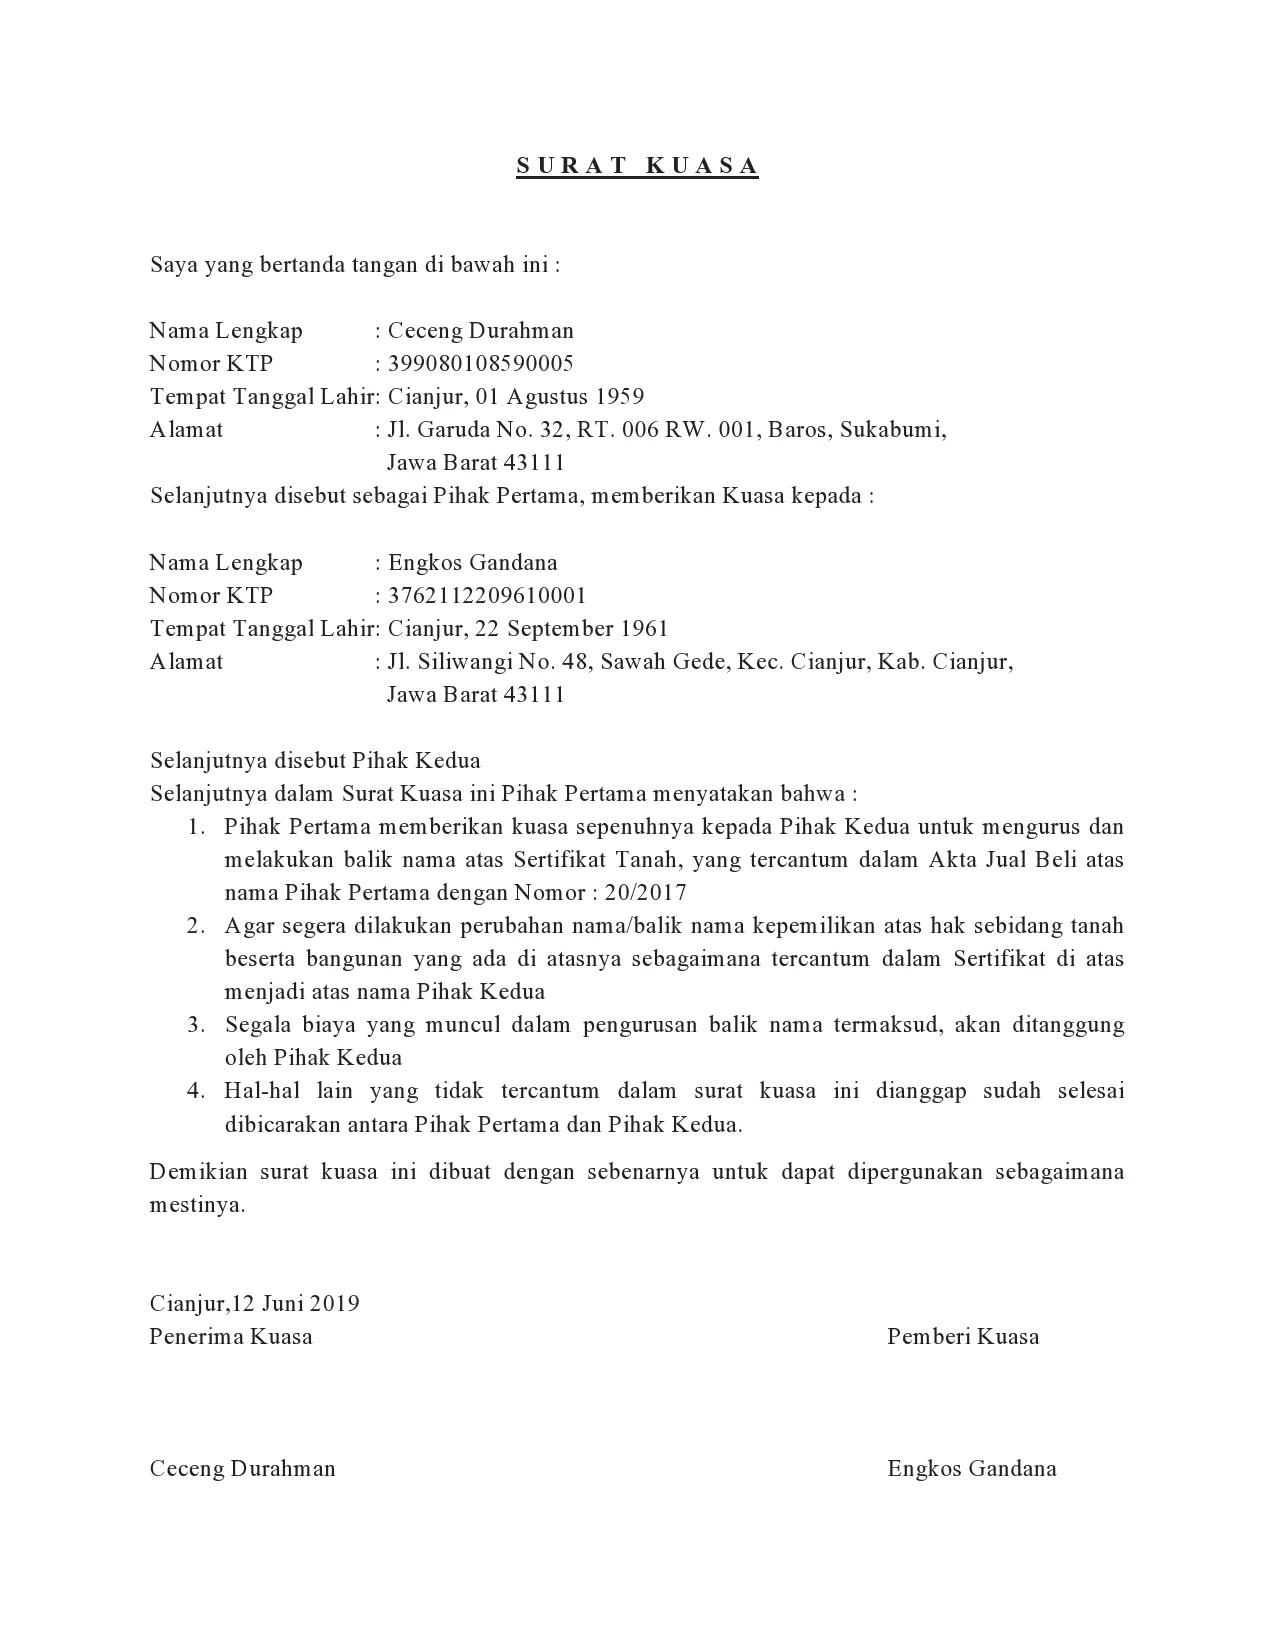 Contoh Surat Kuasa Pengurusan Balik Nama Sertifikat Tanah